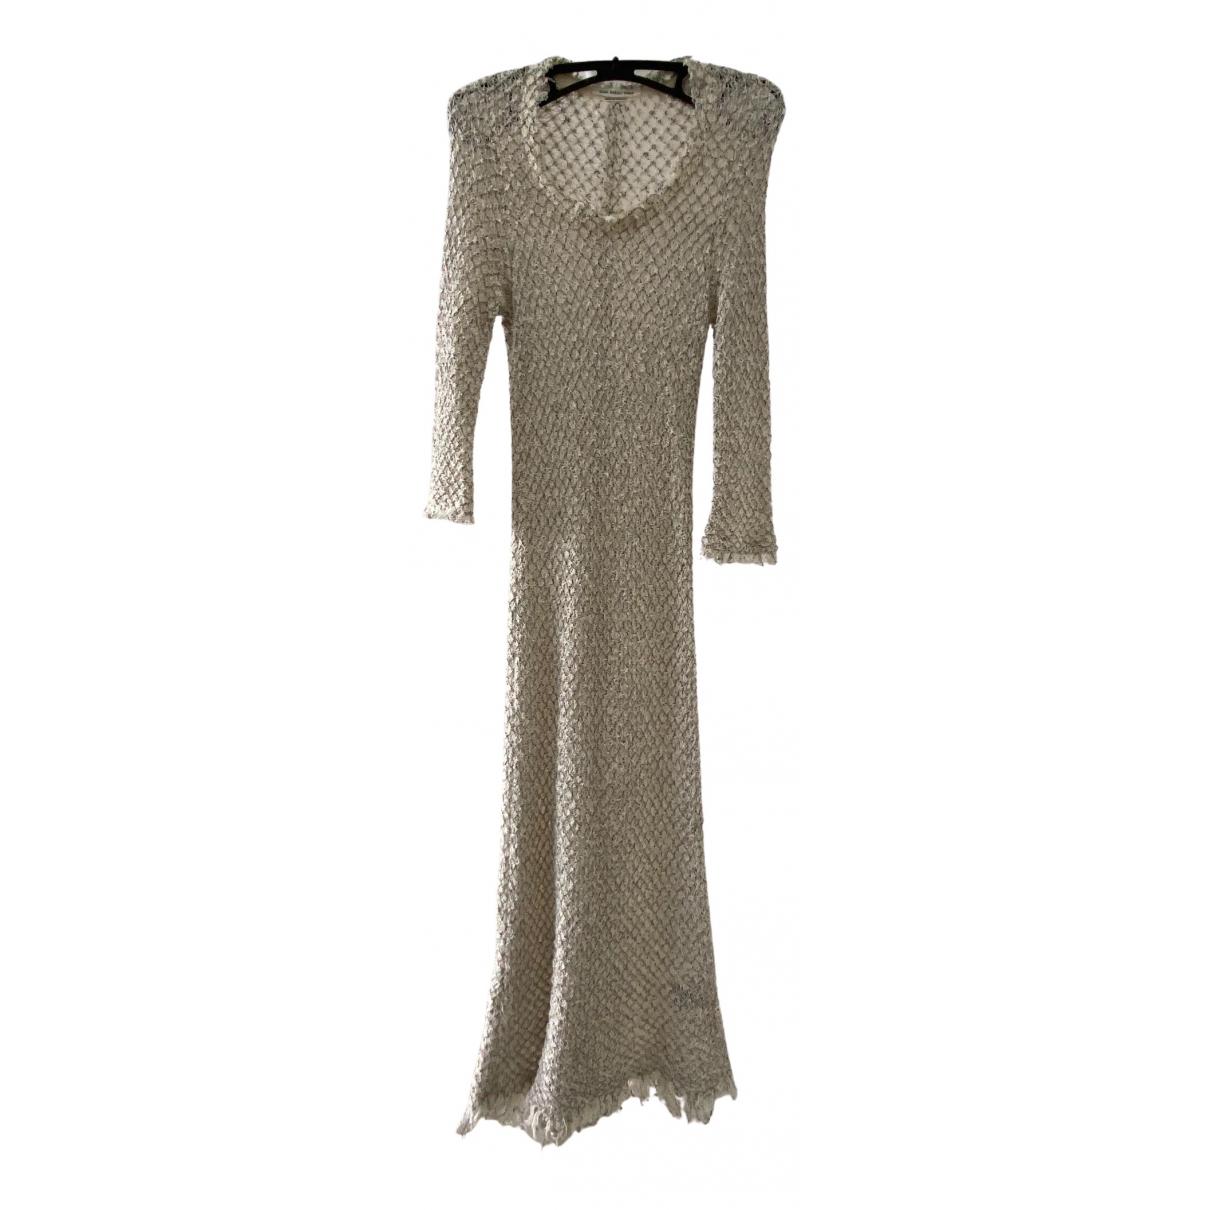 Isabel Marant Etoile \N Kleid in  Ecru Baumwolle - Elasthan